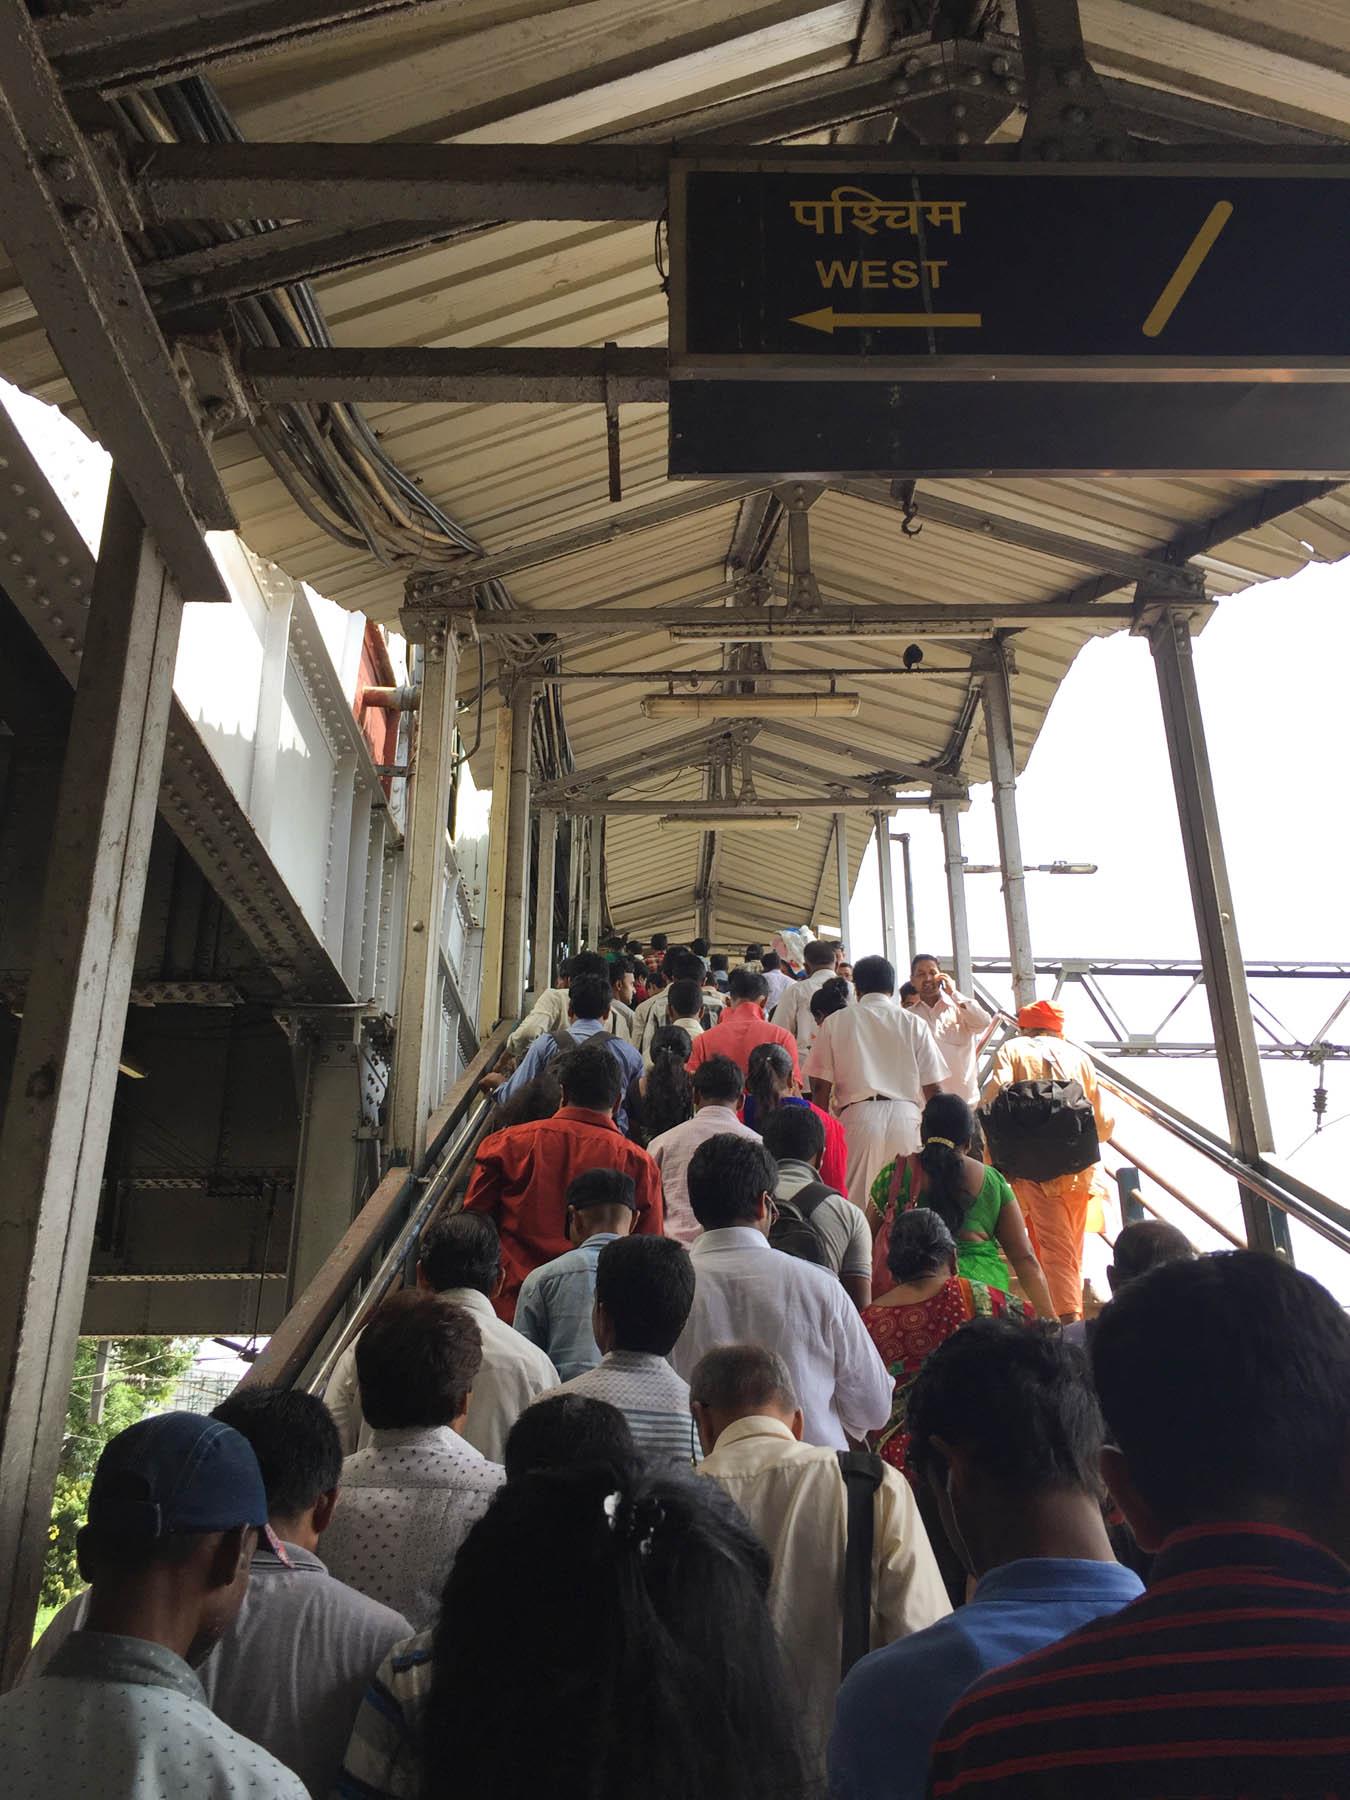 ムンバイ 巨大洗濯工場 ドービーガート マハラクシュミ駅